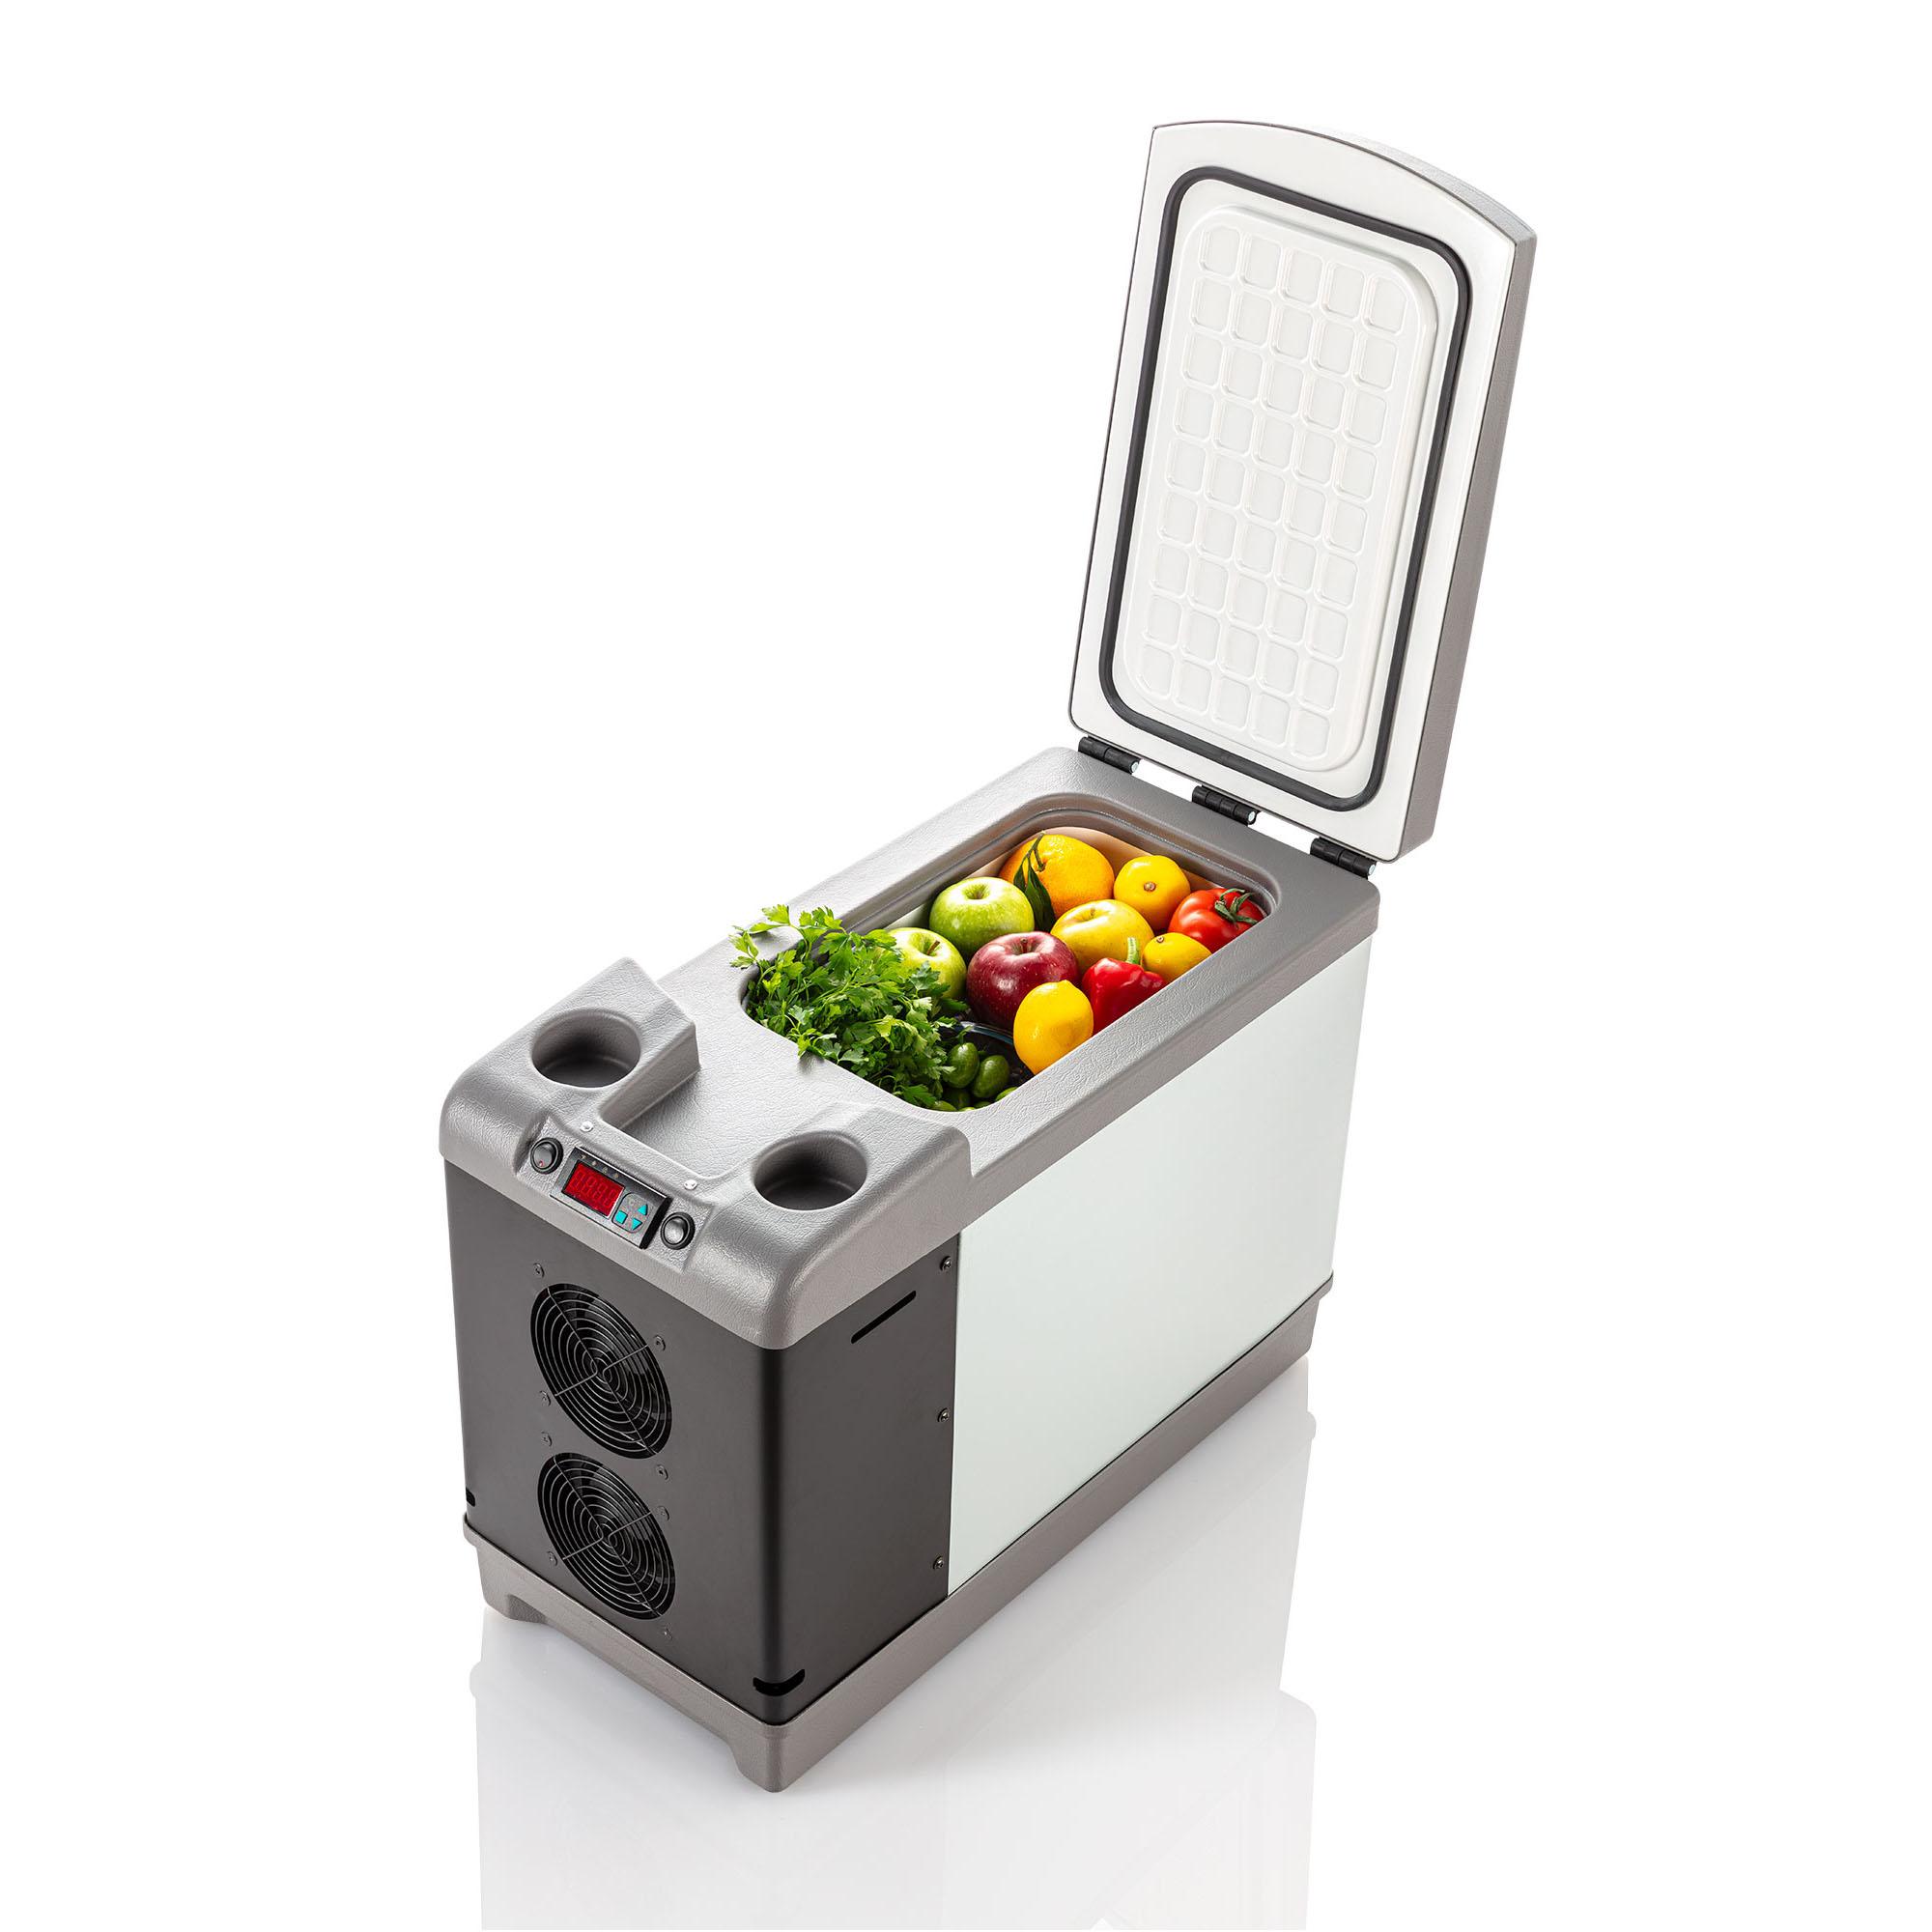 MPB 3046 / 28 LT Soğutucu Araç Buzdolabı